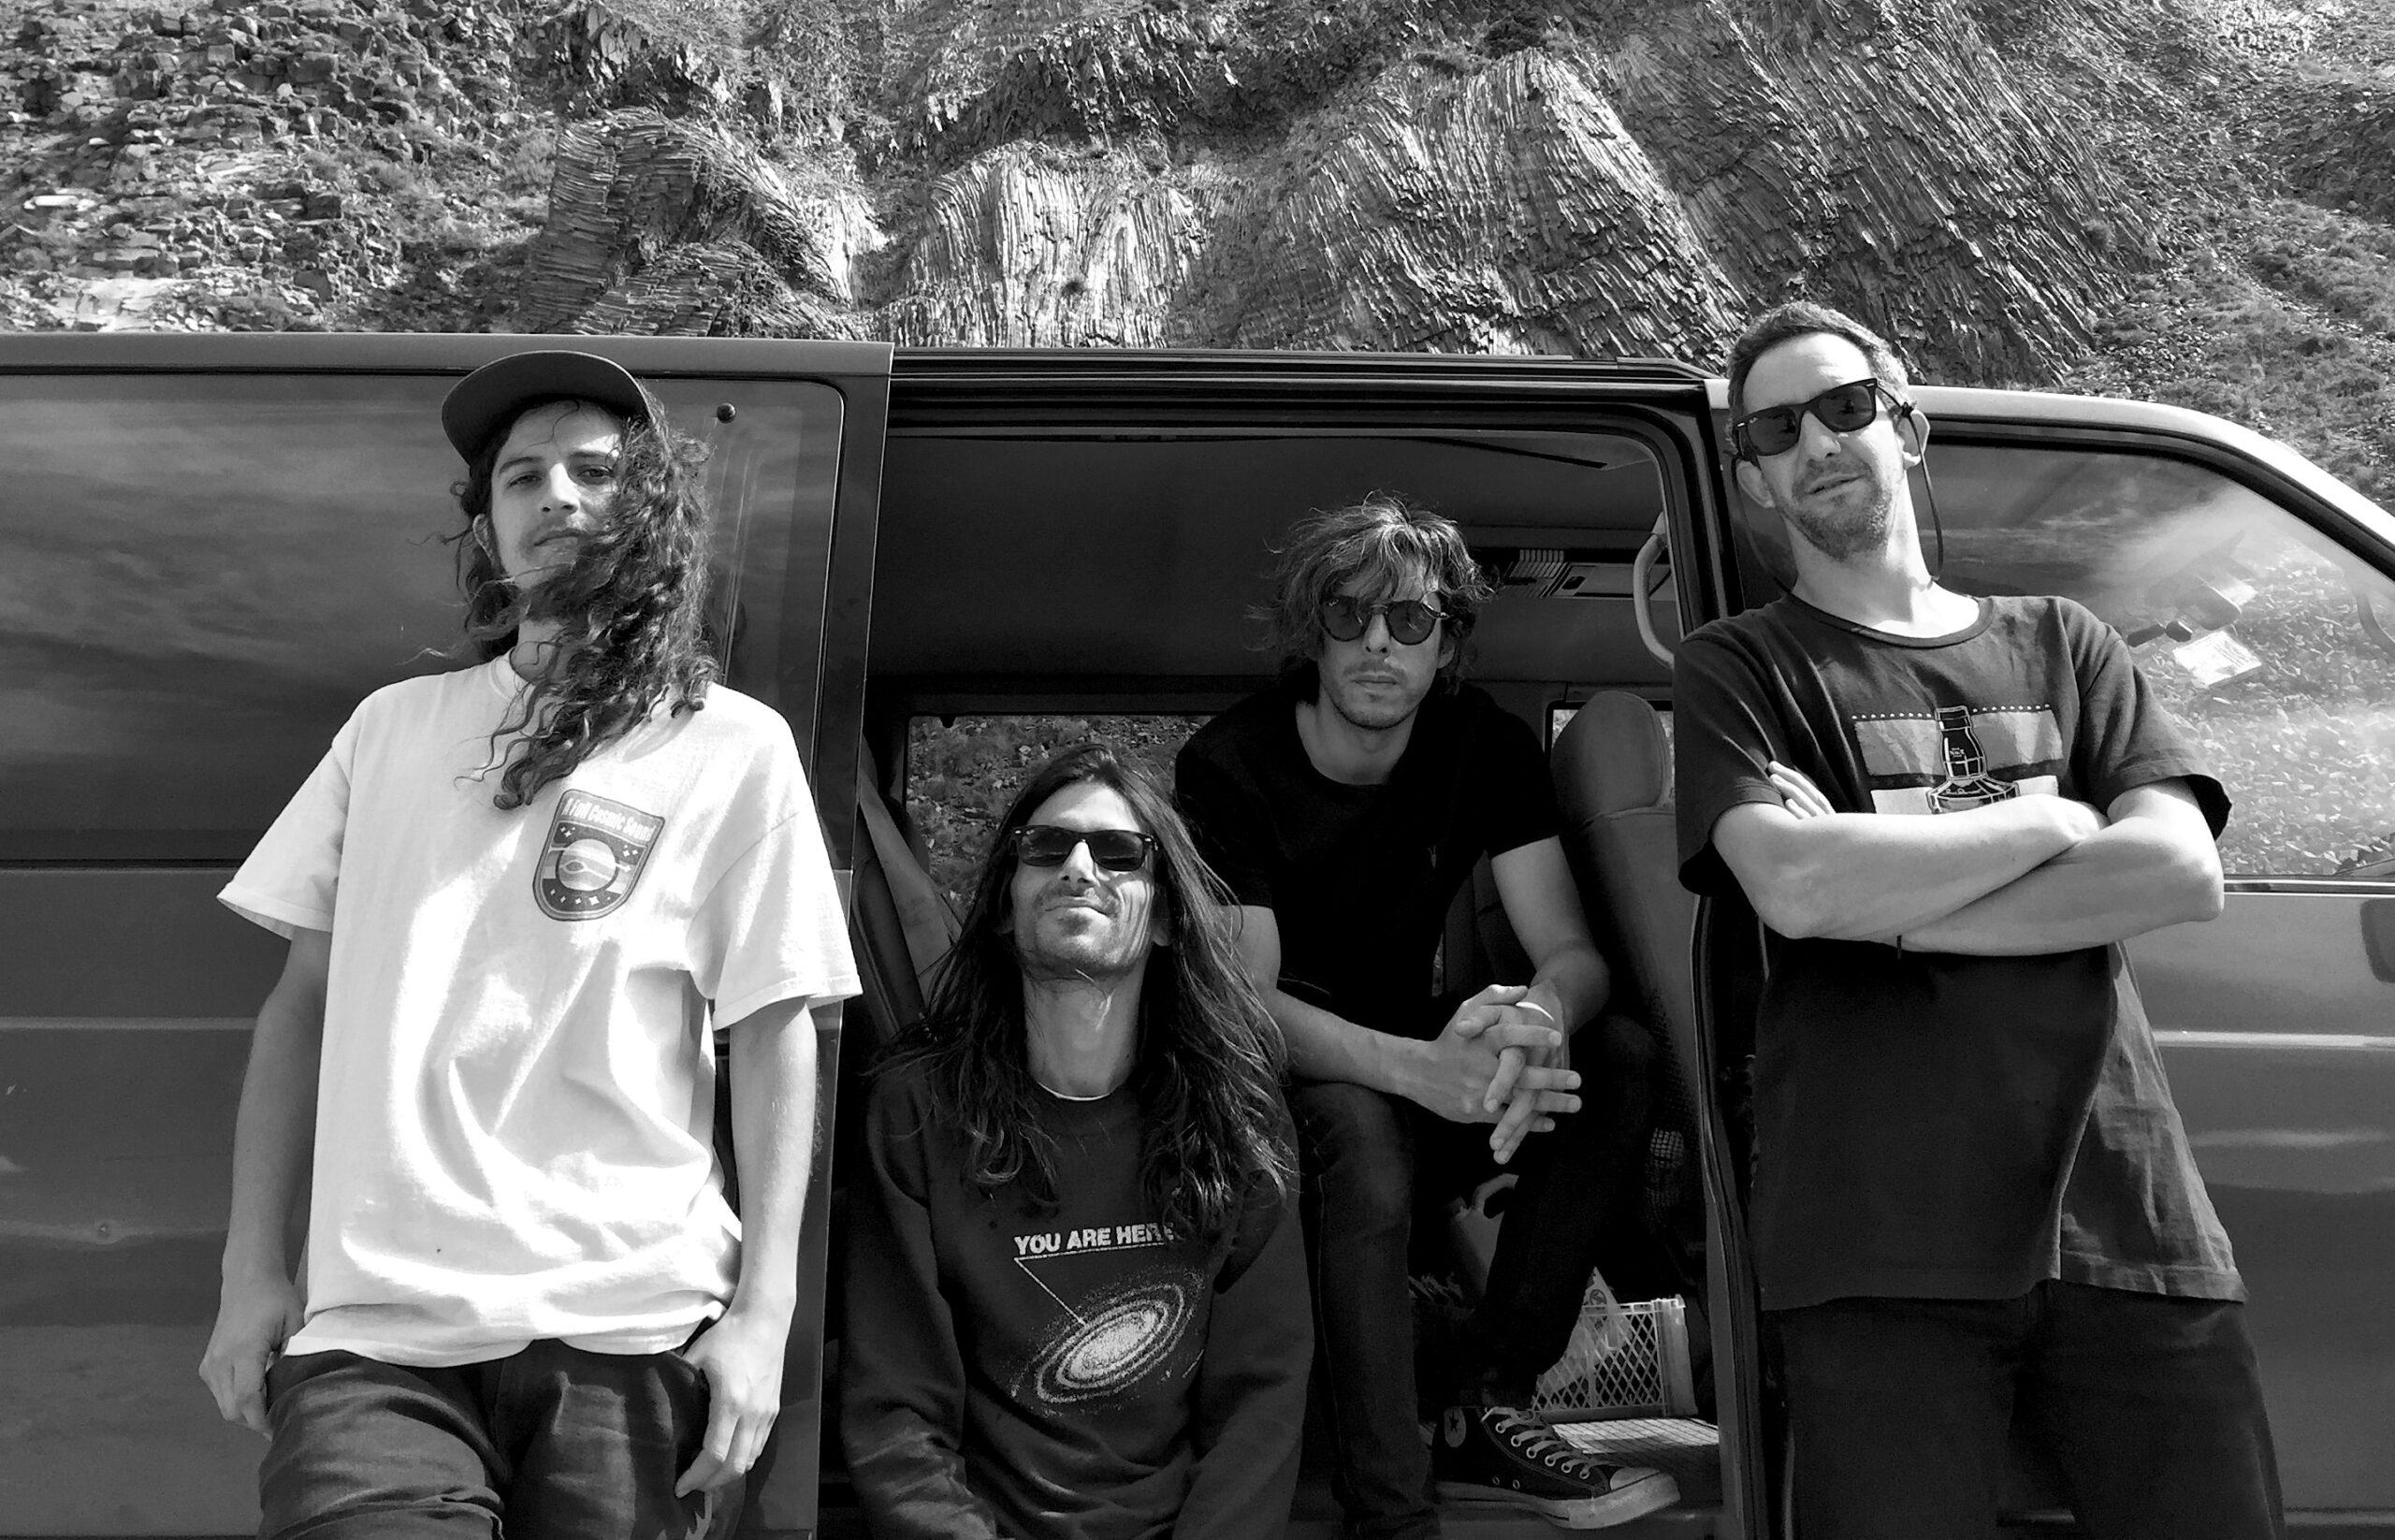 The Ganjas presenta nuevo álbum «Live at Bar de René» (Feat. Jack Endino)